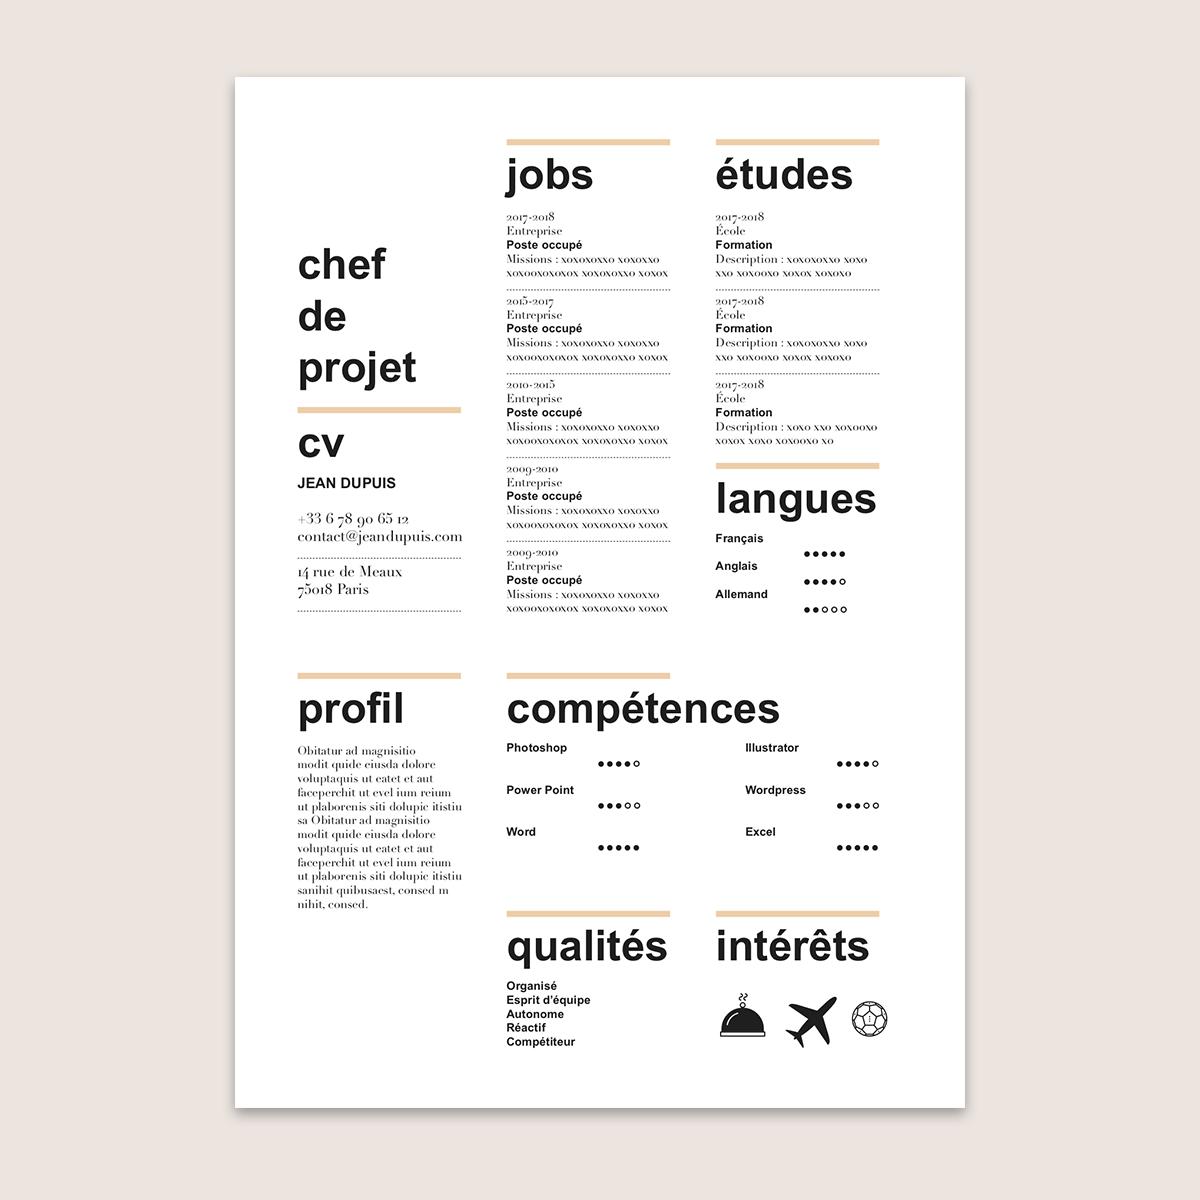 9 Lettre Projet Professionnel Fongecif: Modèle De CV à Télécharger Et Personnaliser : Le CV